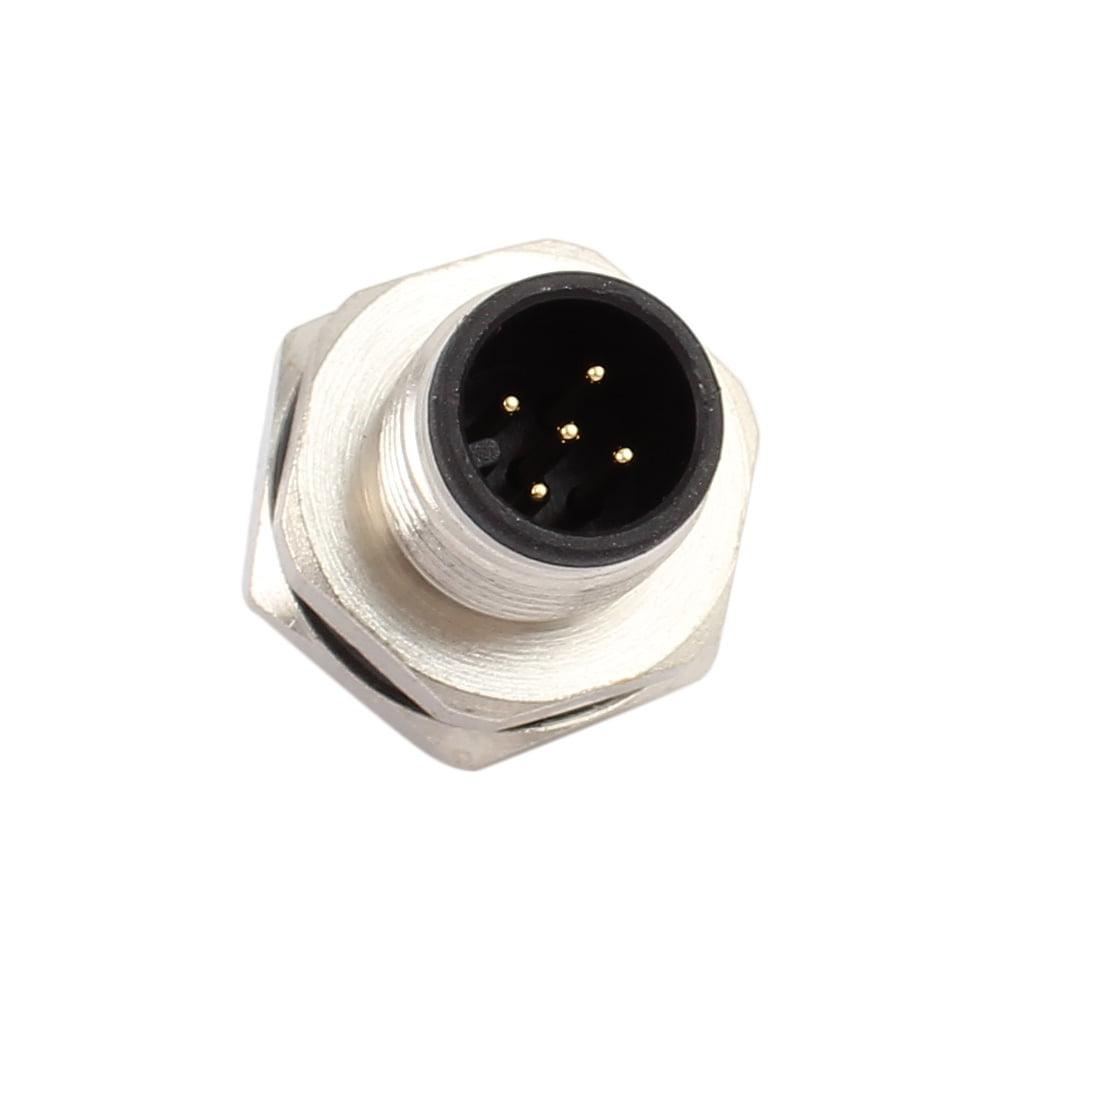 10pcs M12H5J-16A AC250V 4A IP67 Waterproof M12 M/M Metal Connector - image 3 de 4